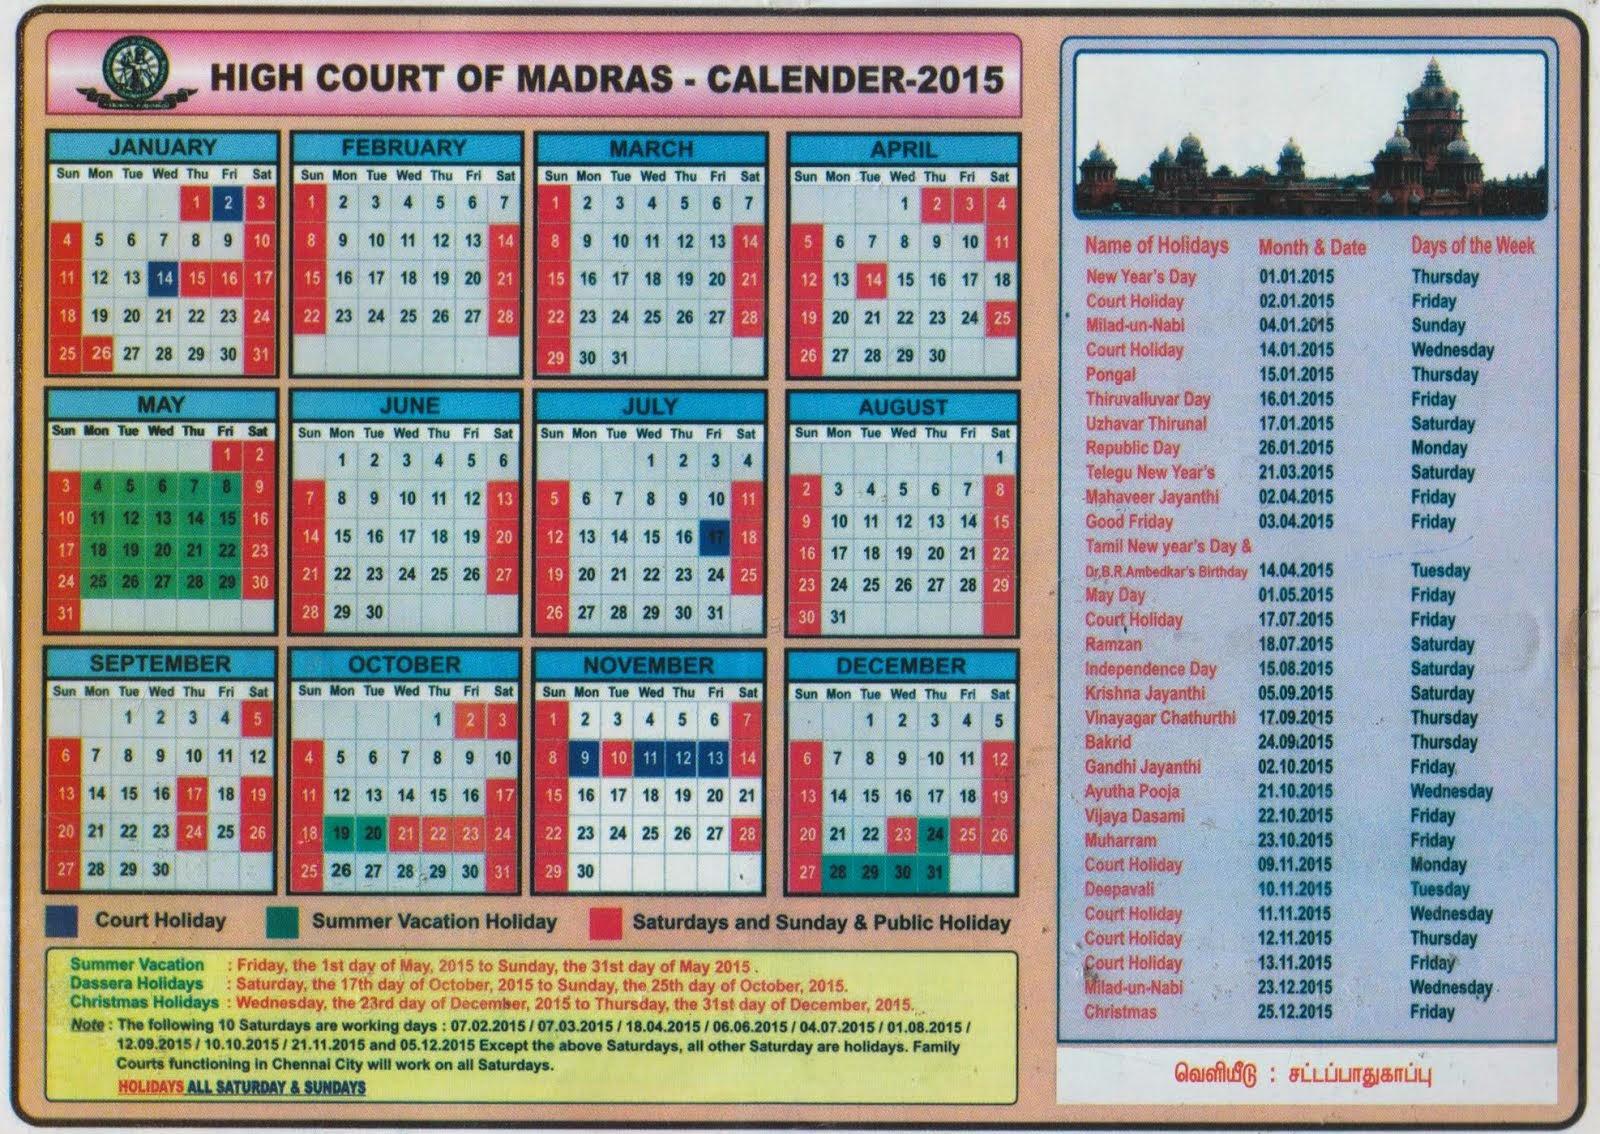 Madras High Court Calendar 2015